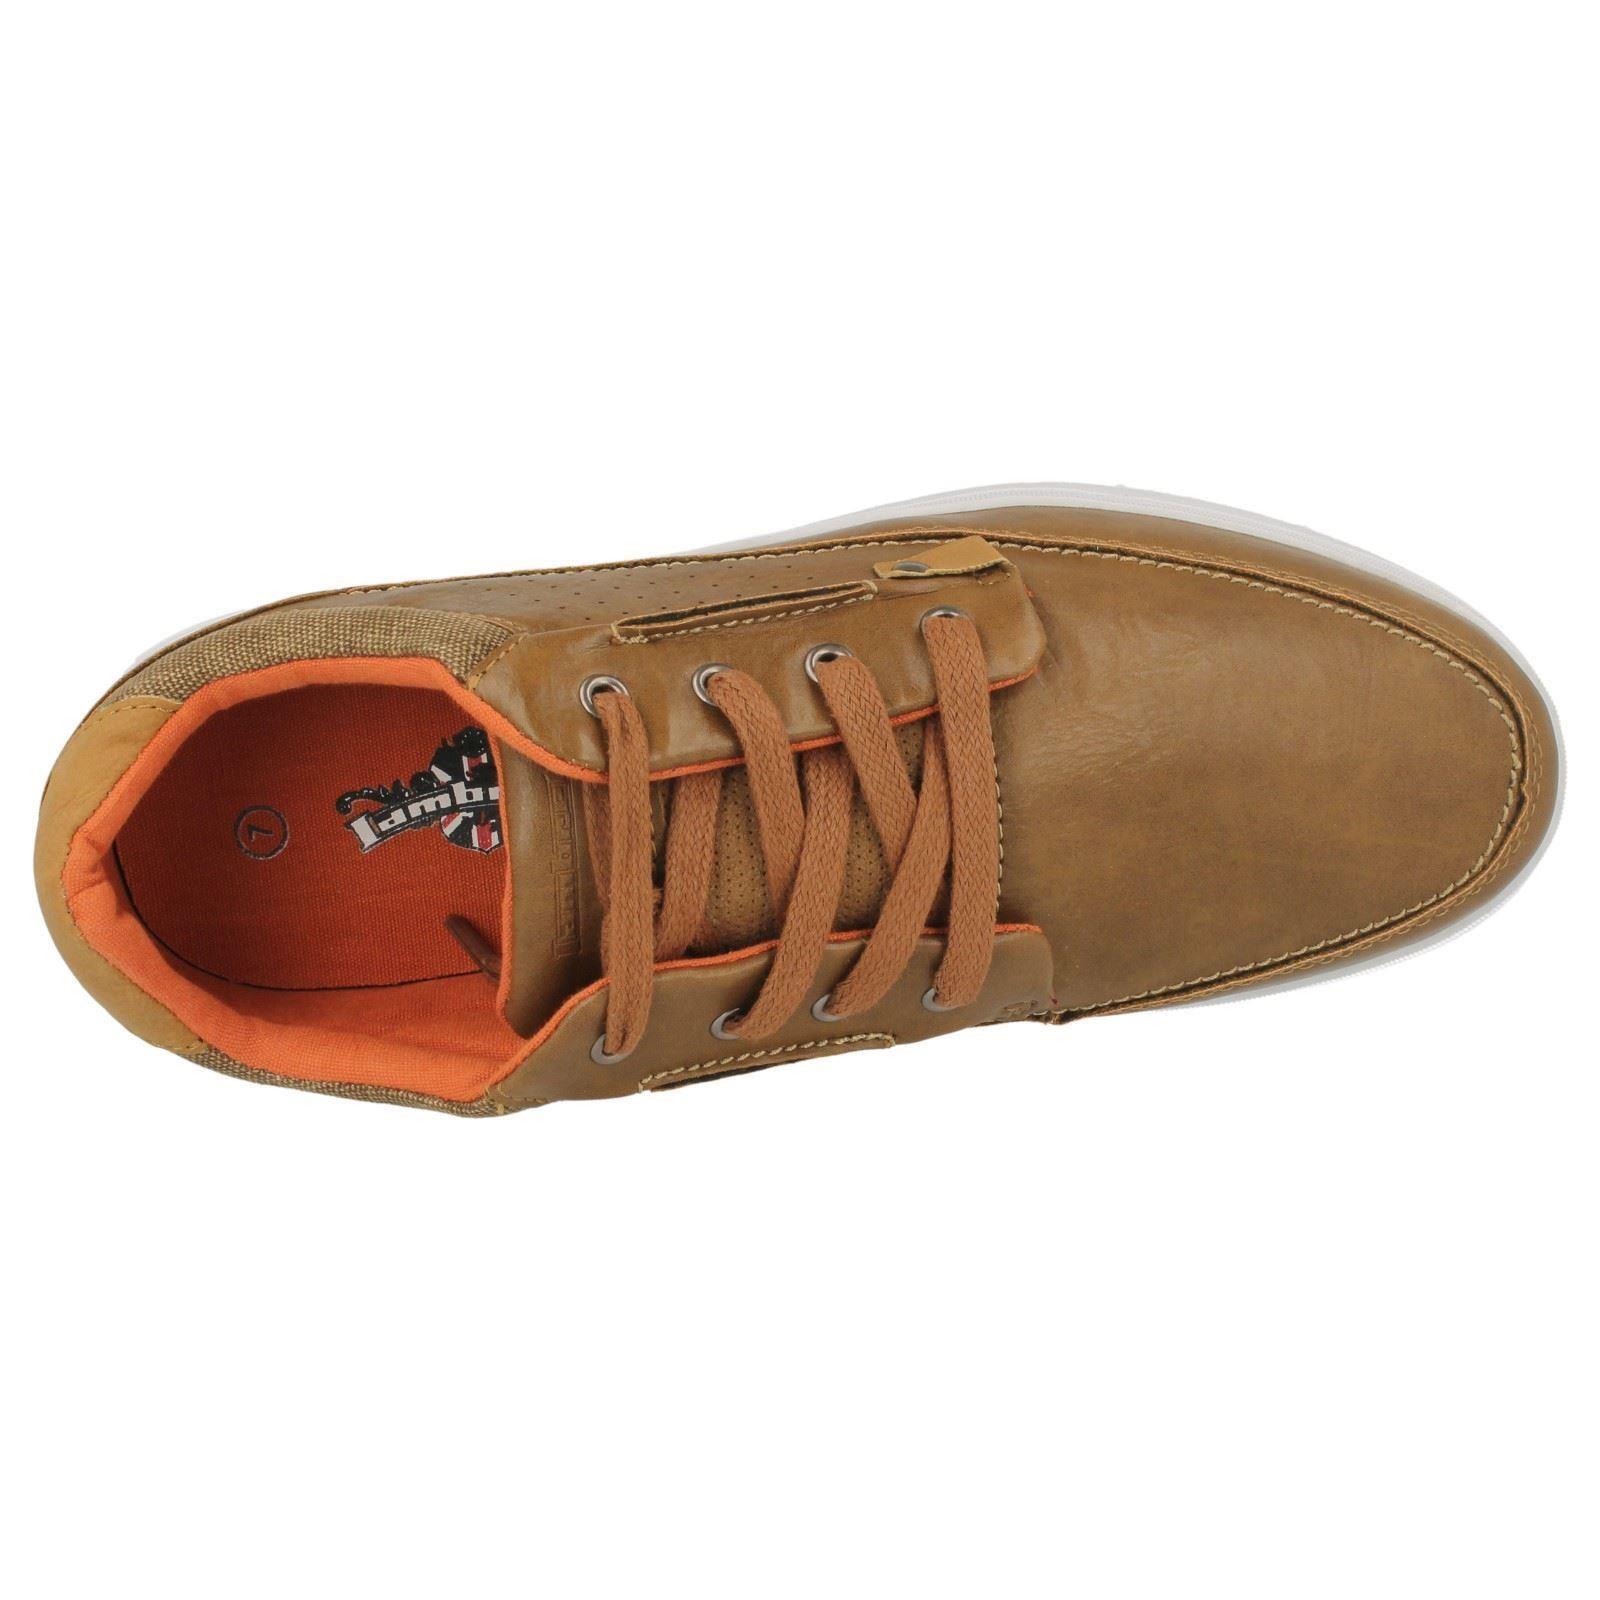 Hommes 'spoons Brown Lambretta Chaussures Casual Lo' qtFqwxX8r